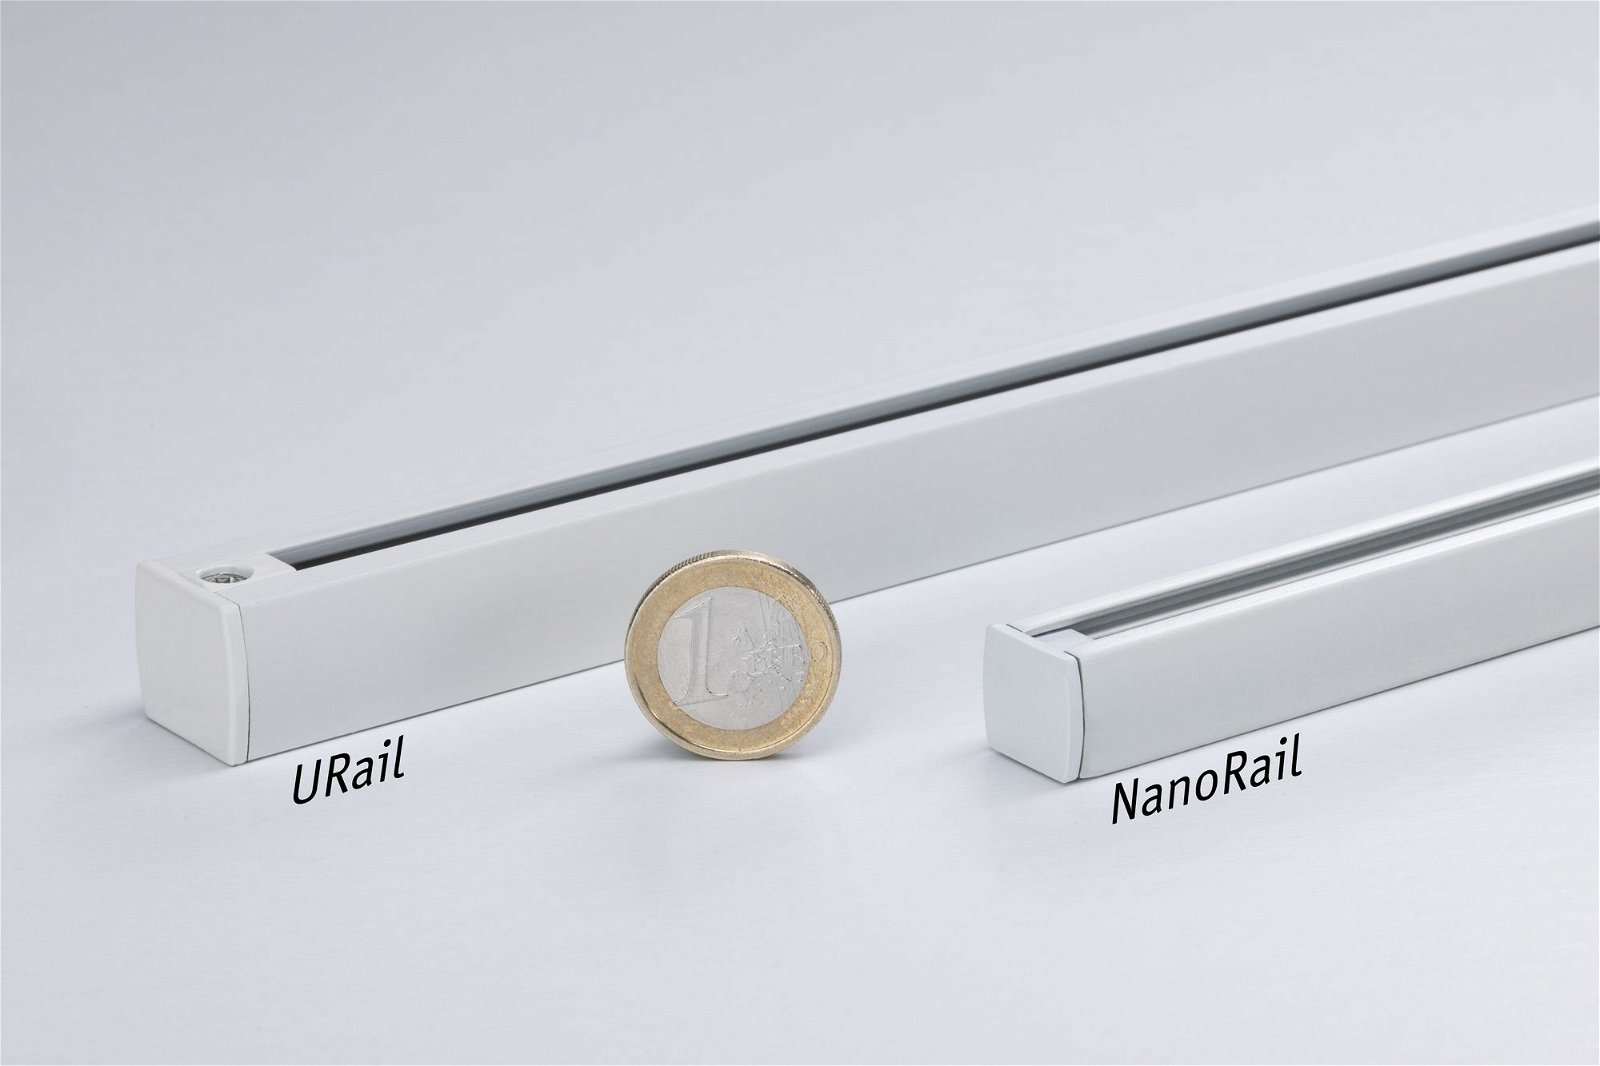 NanoRail Panneau LED Plado 6,5W Blanc dépoli